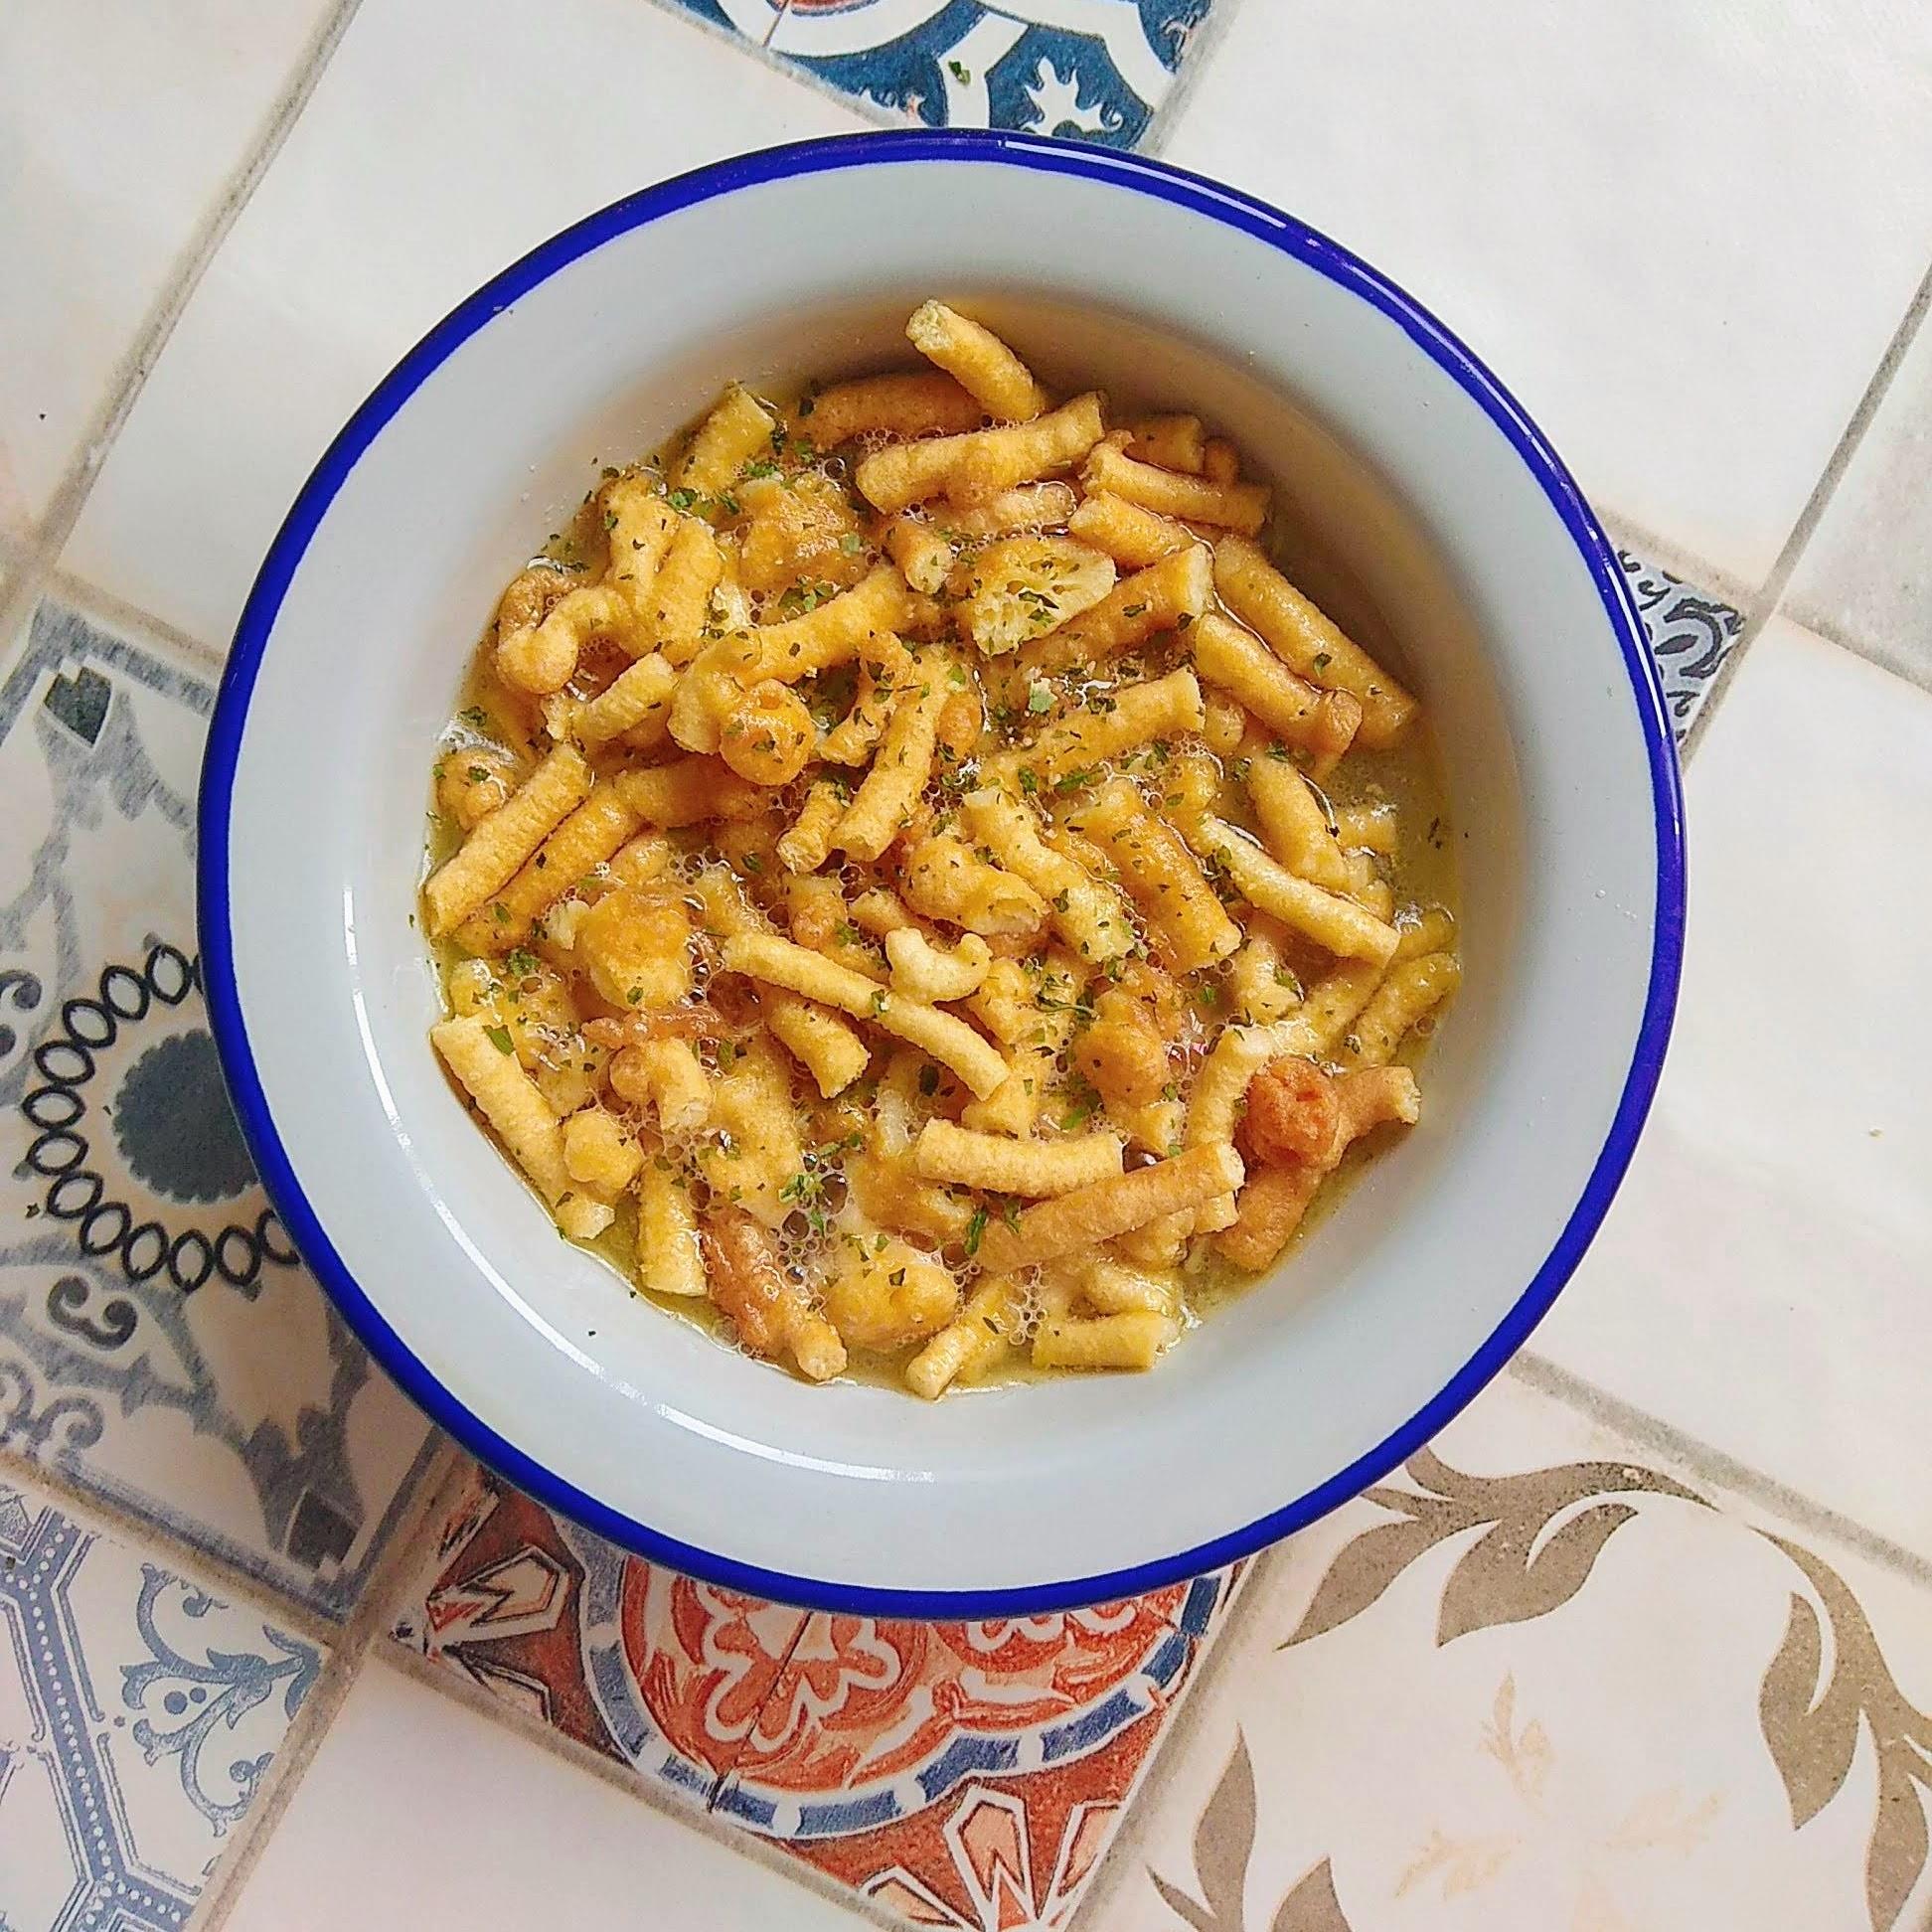 Receta fácil de sopa de canutillos. Descúbrela en: www.cocinandoconlola.com